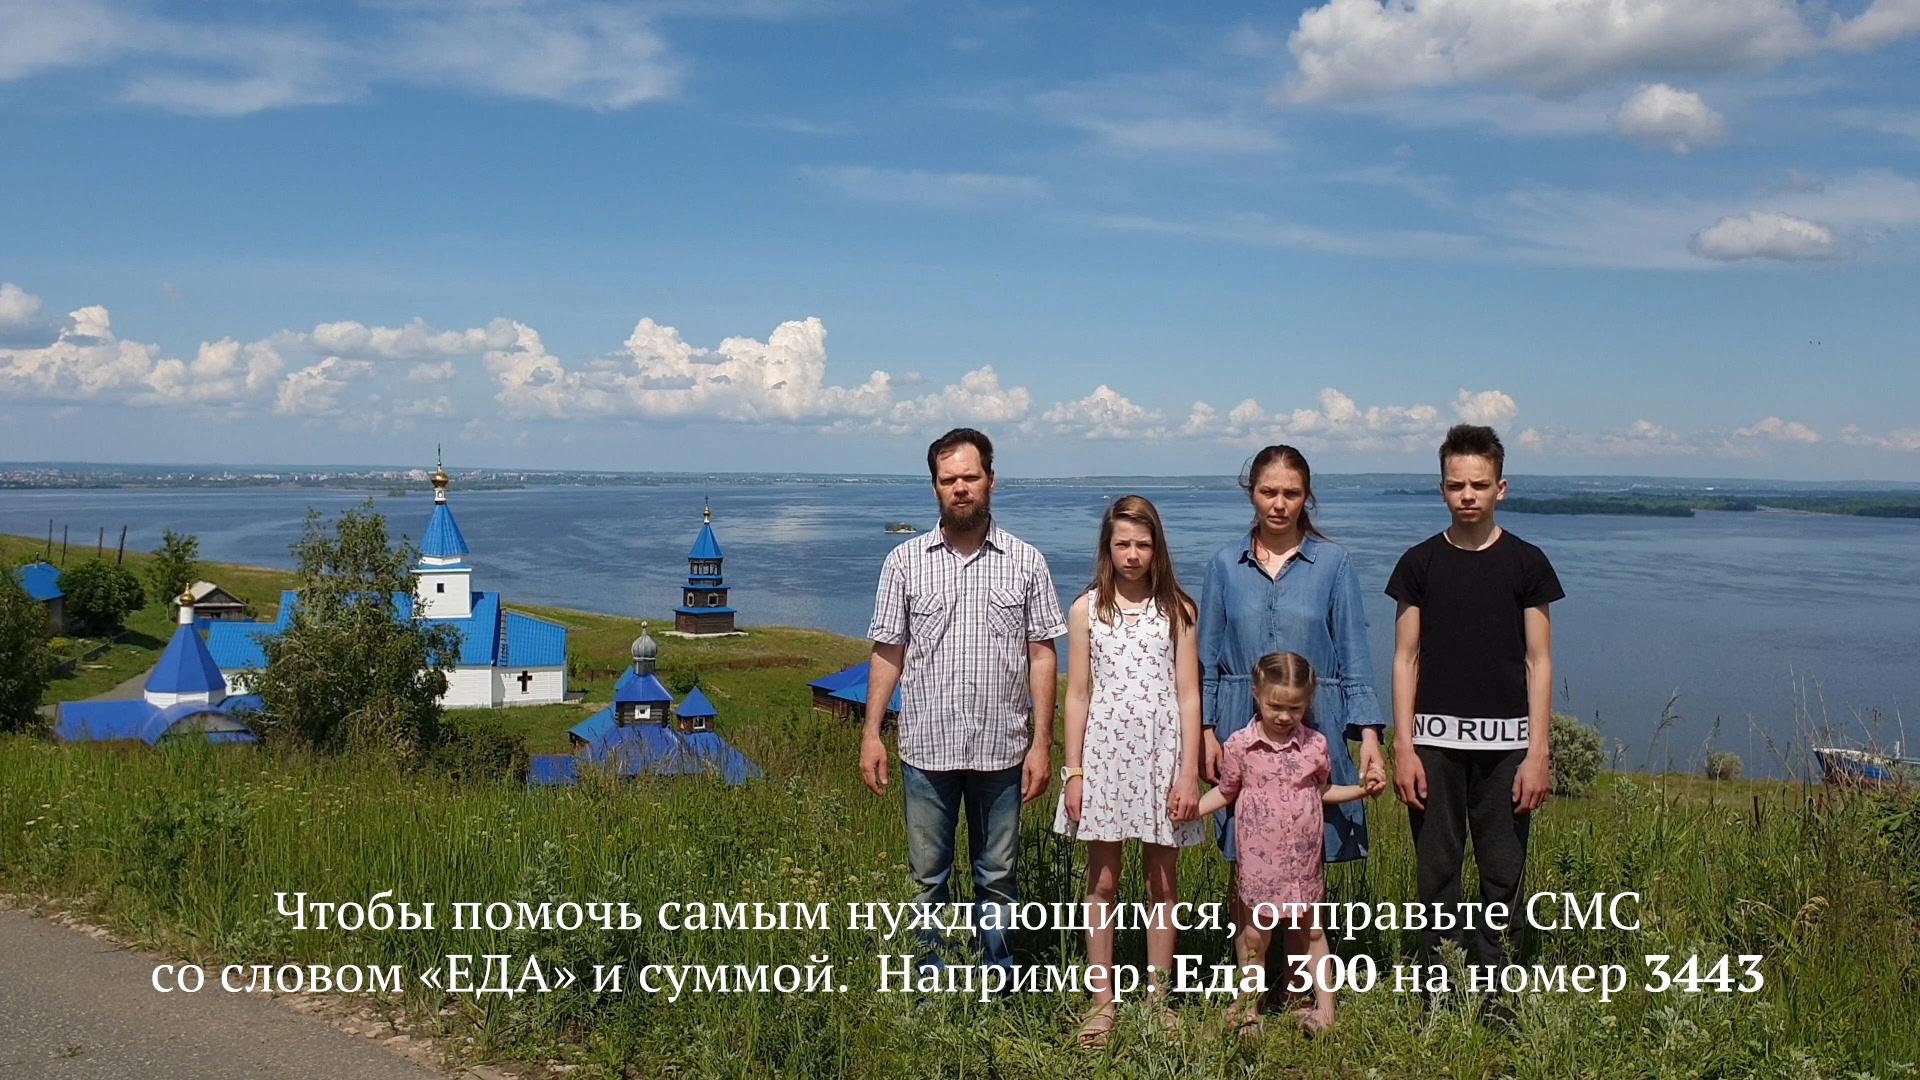 На Первом канале начал транслироваться ролик Синодального отдела по благотворительности